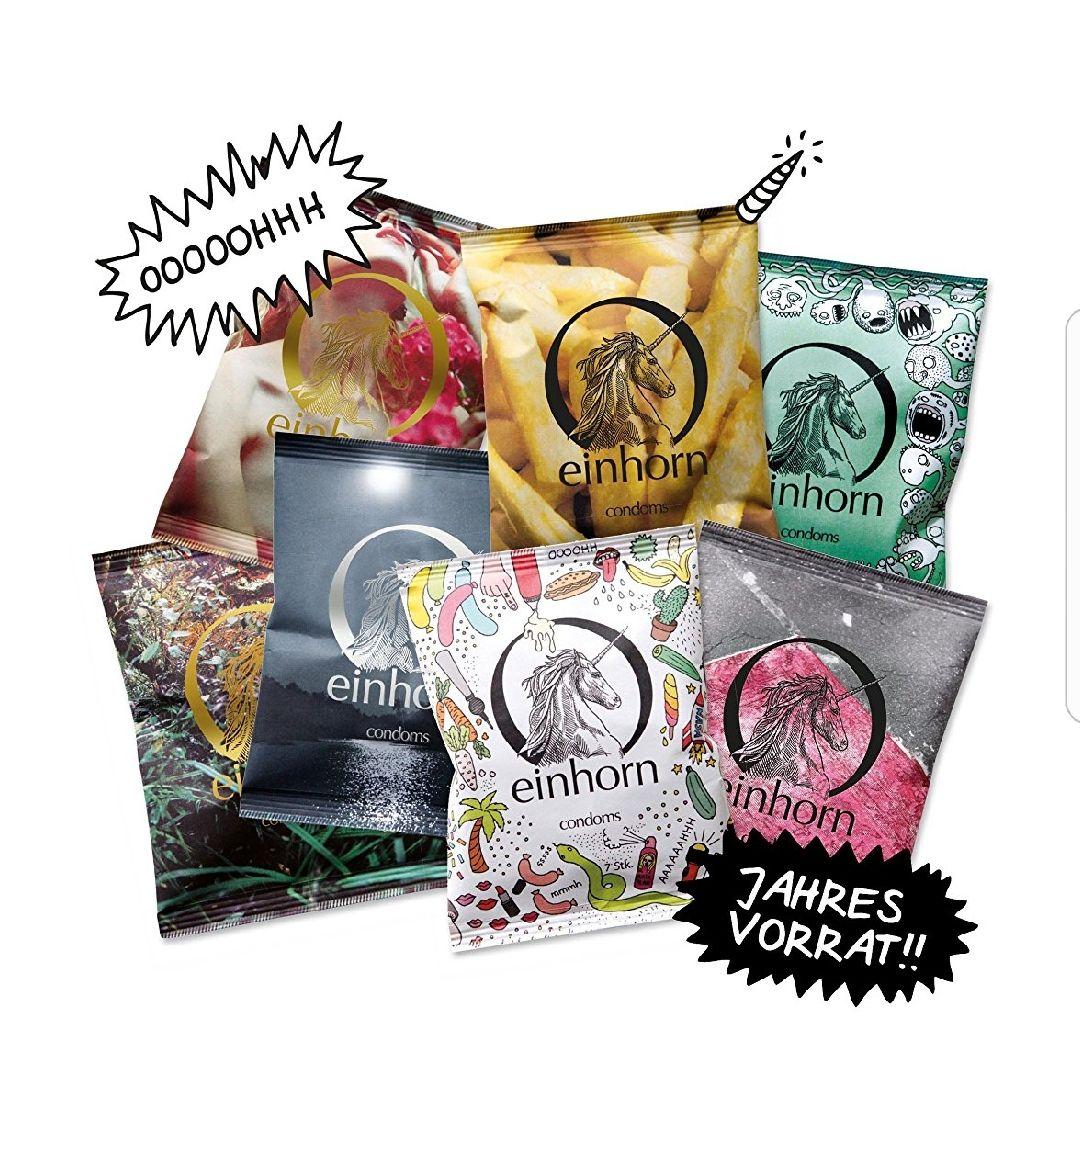 Einhorn Kondome, 49 Stück, vegan (Blitzangebot) [Amazon]